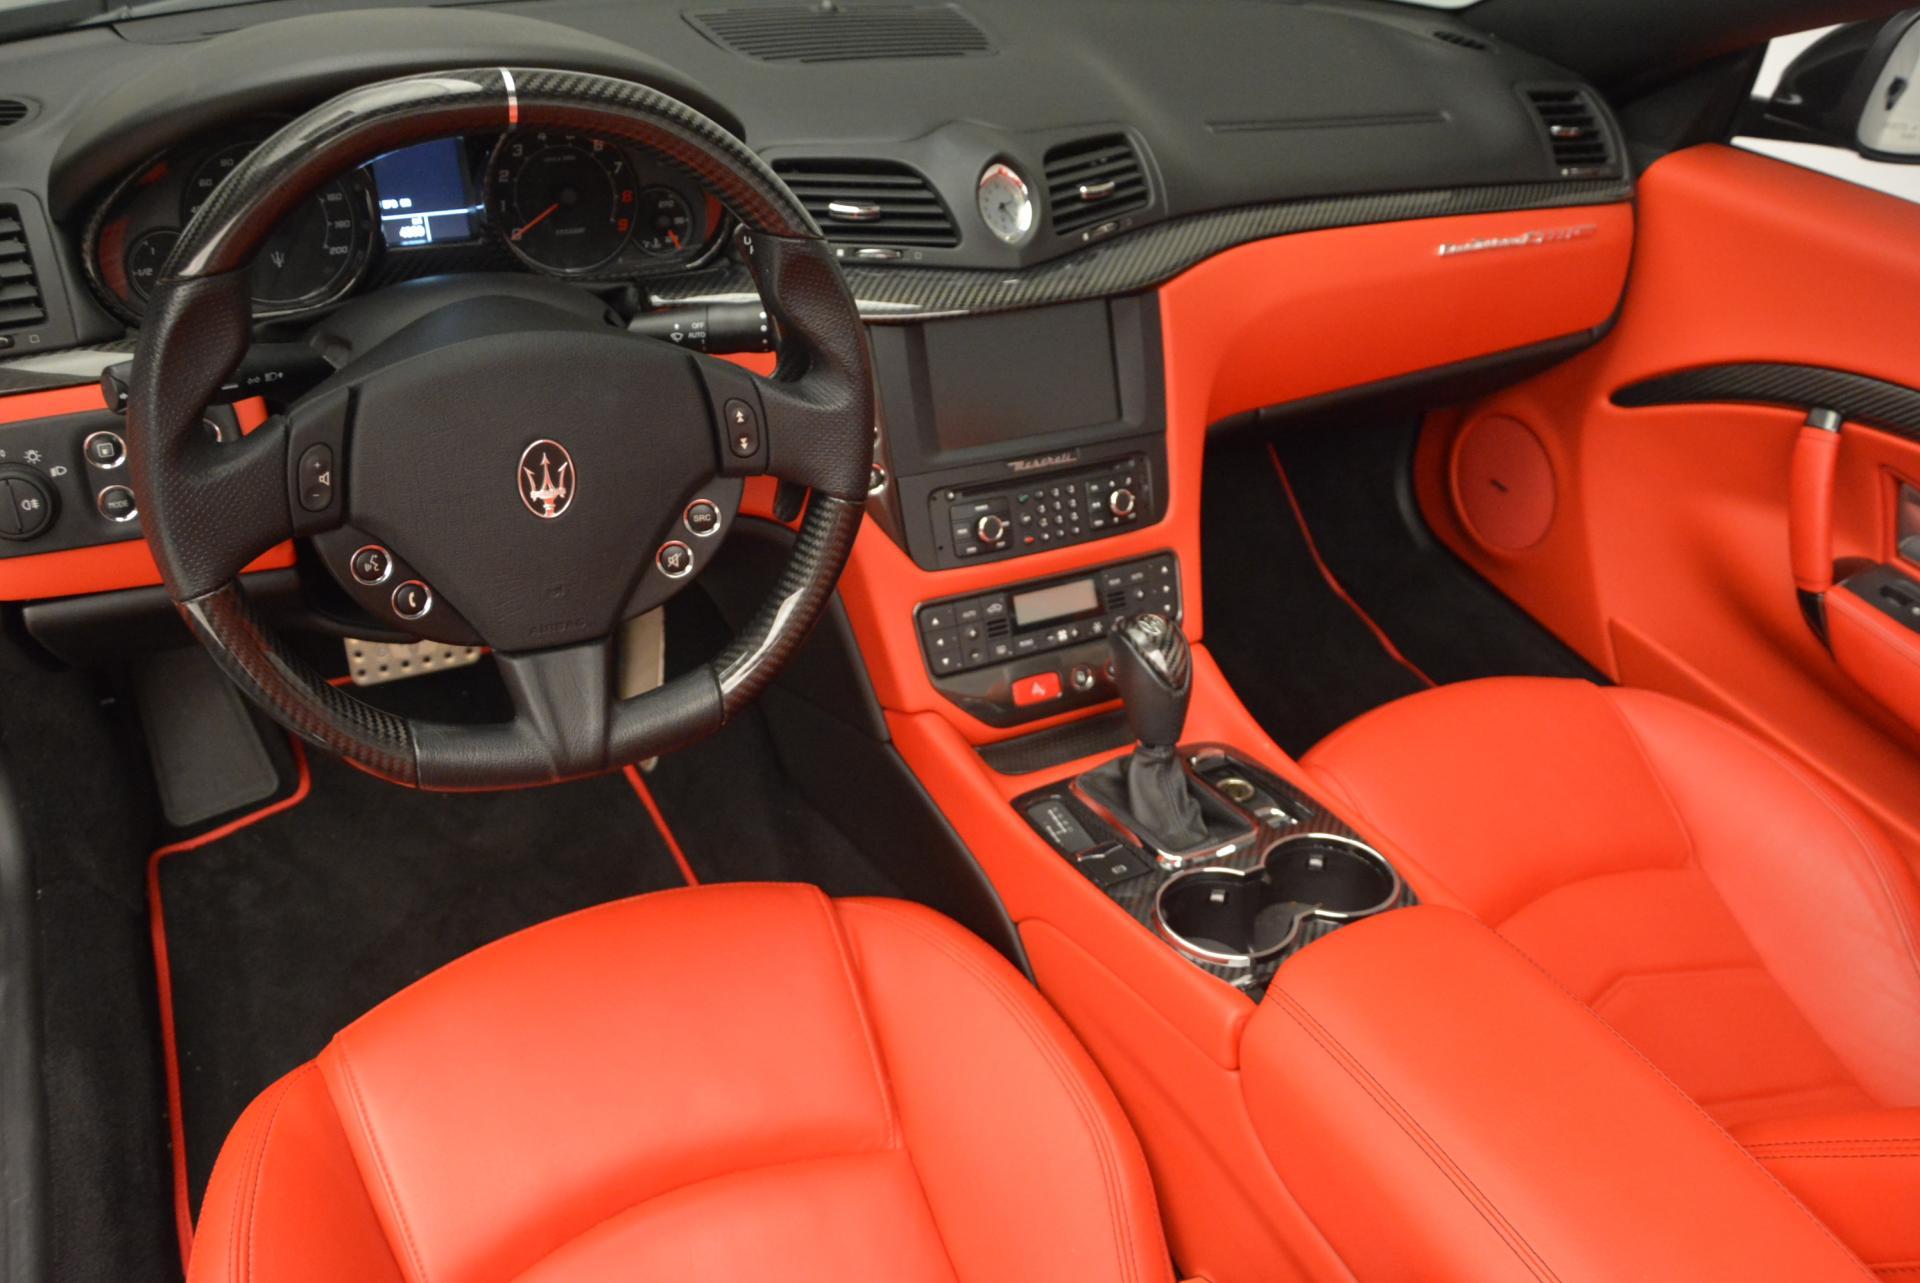 Used 2013 Maserati GranTurismo MC For Sale In Westport, CT 521_p22